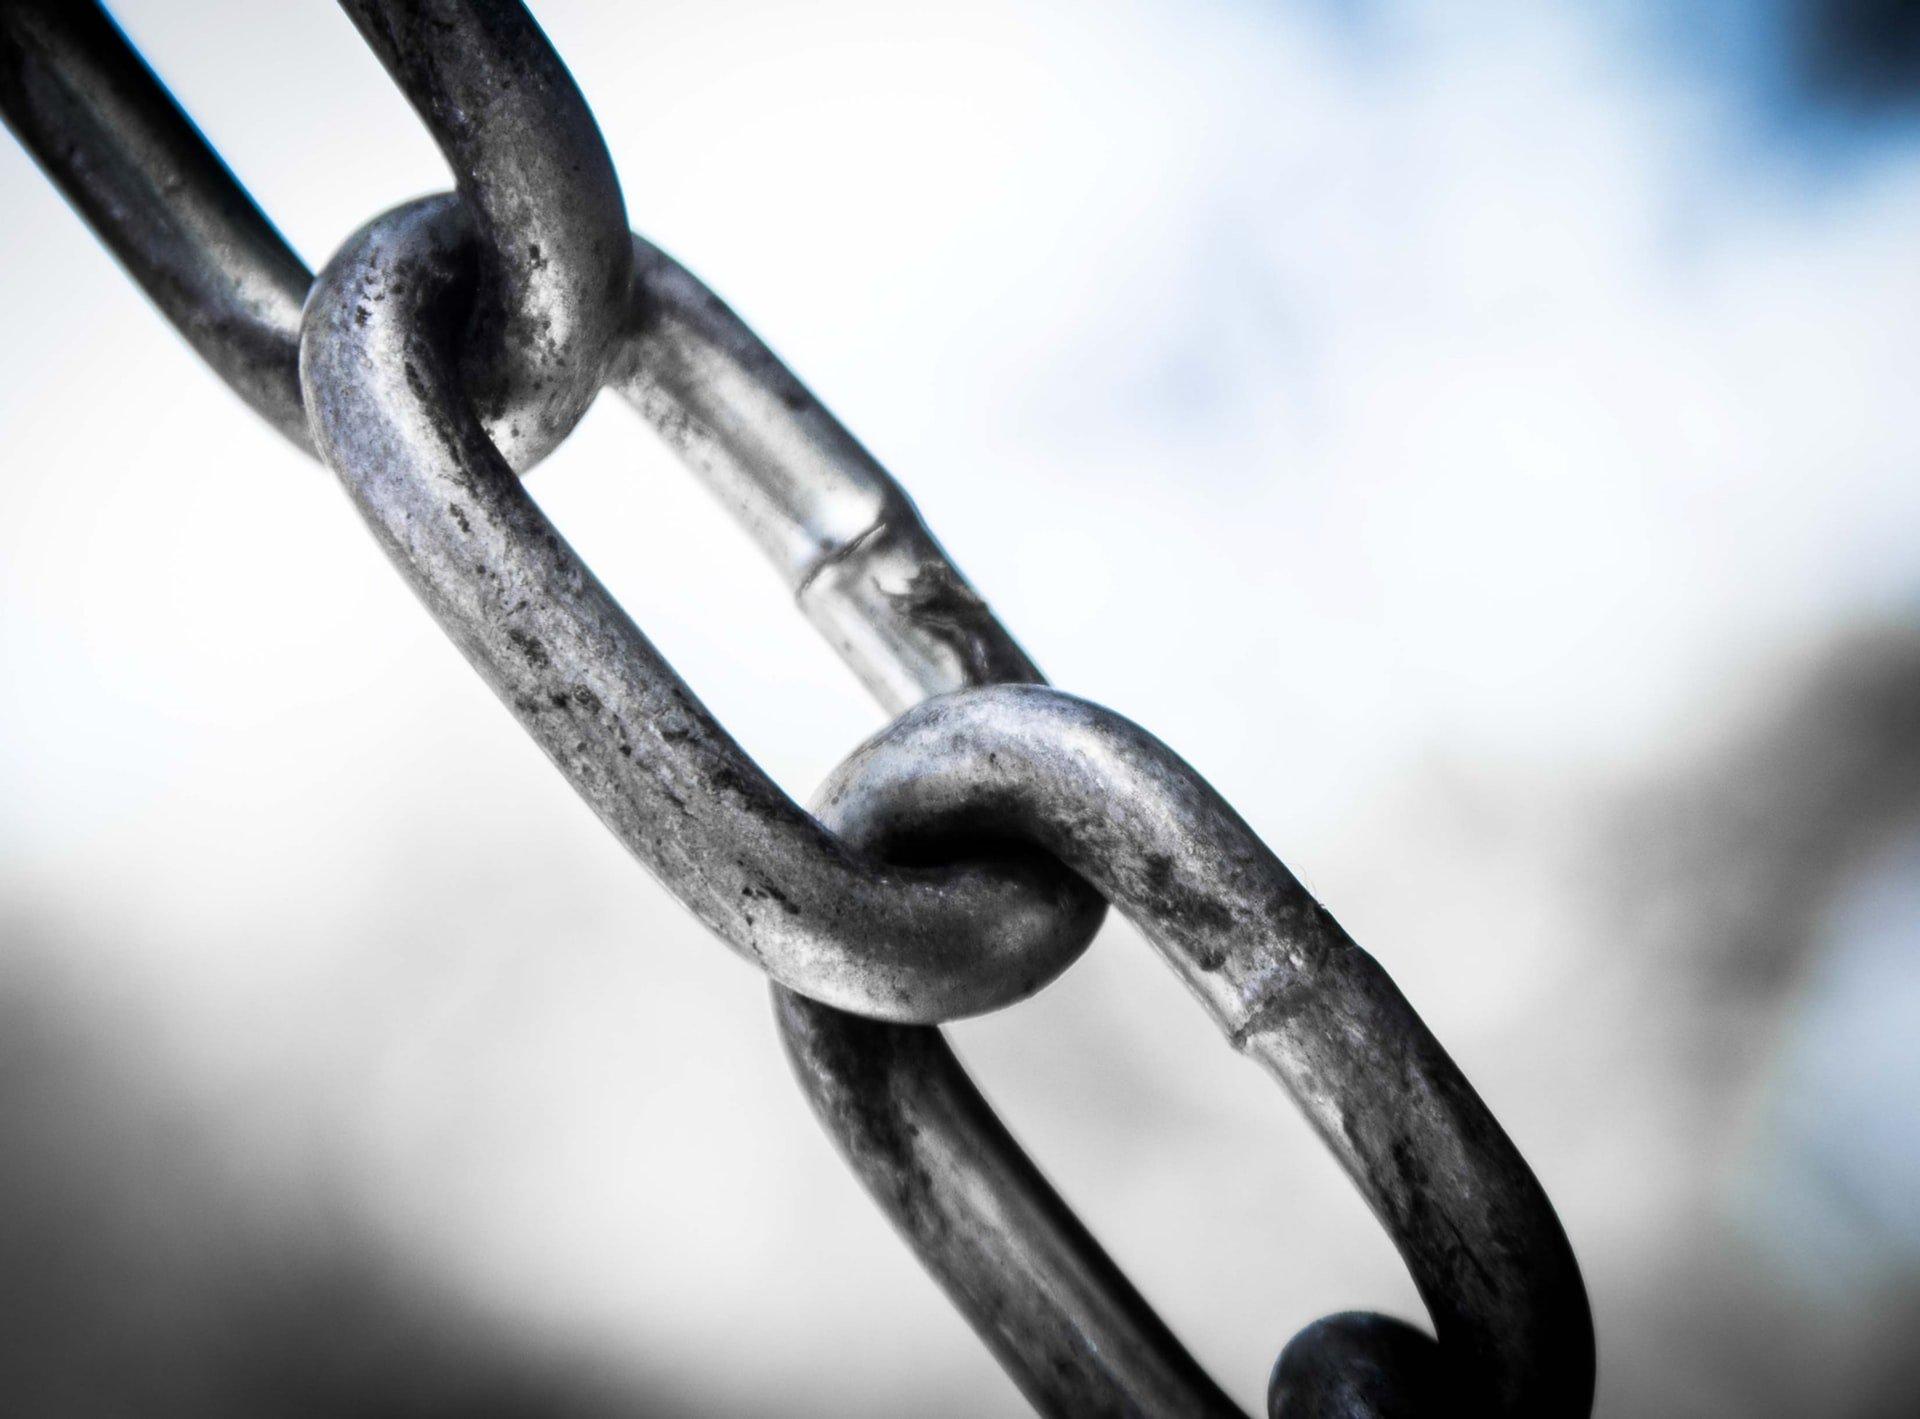 Chain links.